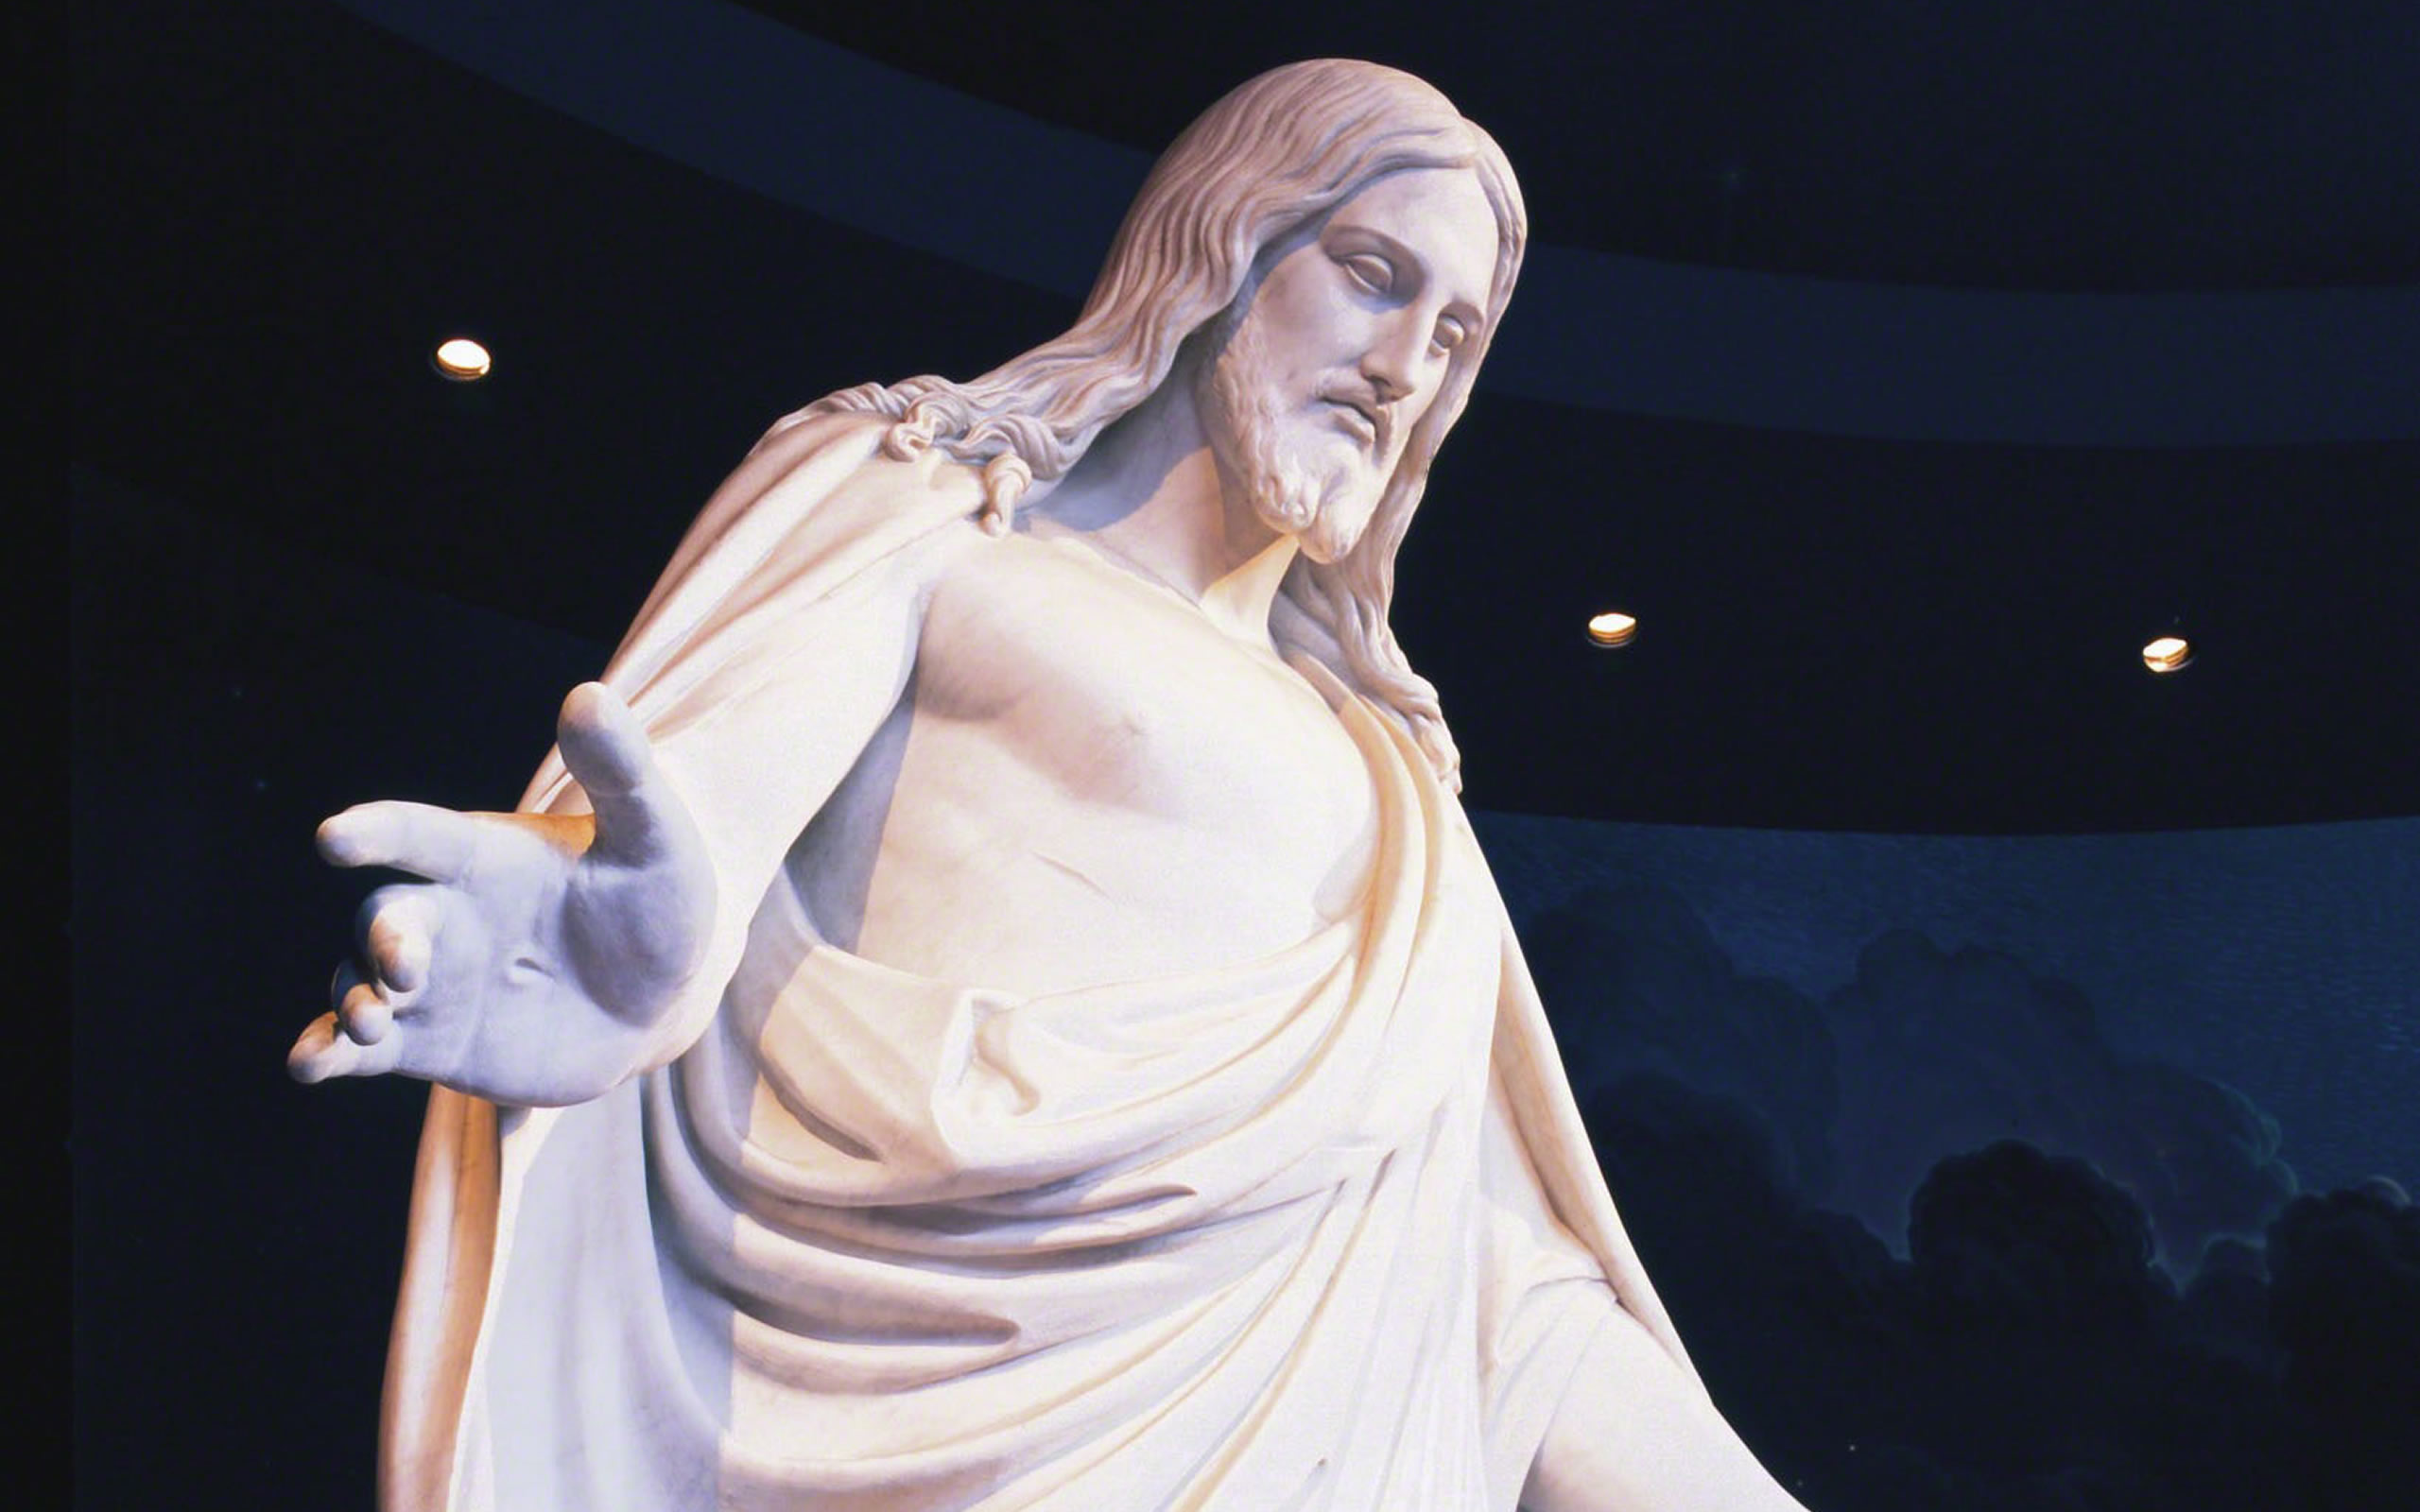 Jesus Christ 2560x1600